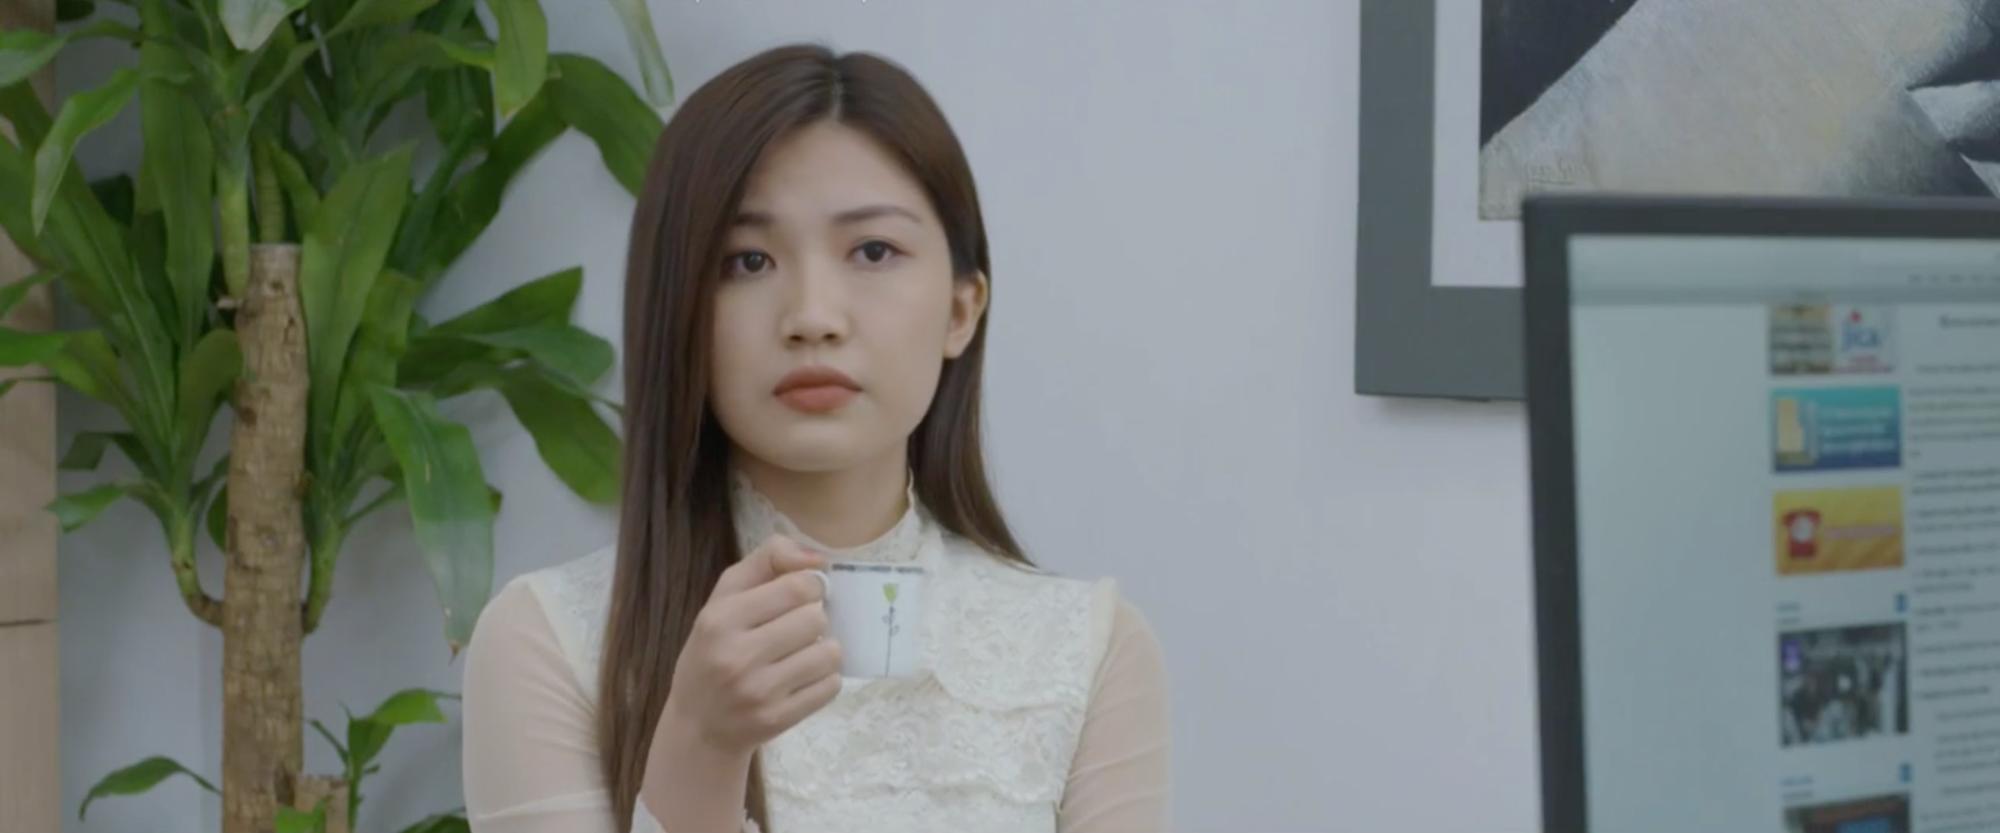 VZN News: Tiểu tam đỉnh cao nhất màn ảnh Việt: Đến tận nhà rủ mẹ chồng và con riêng tương lai làm trò - Ảnh 3.